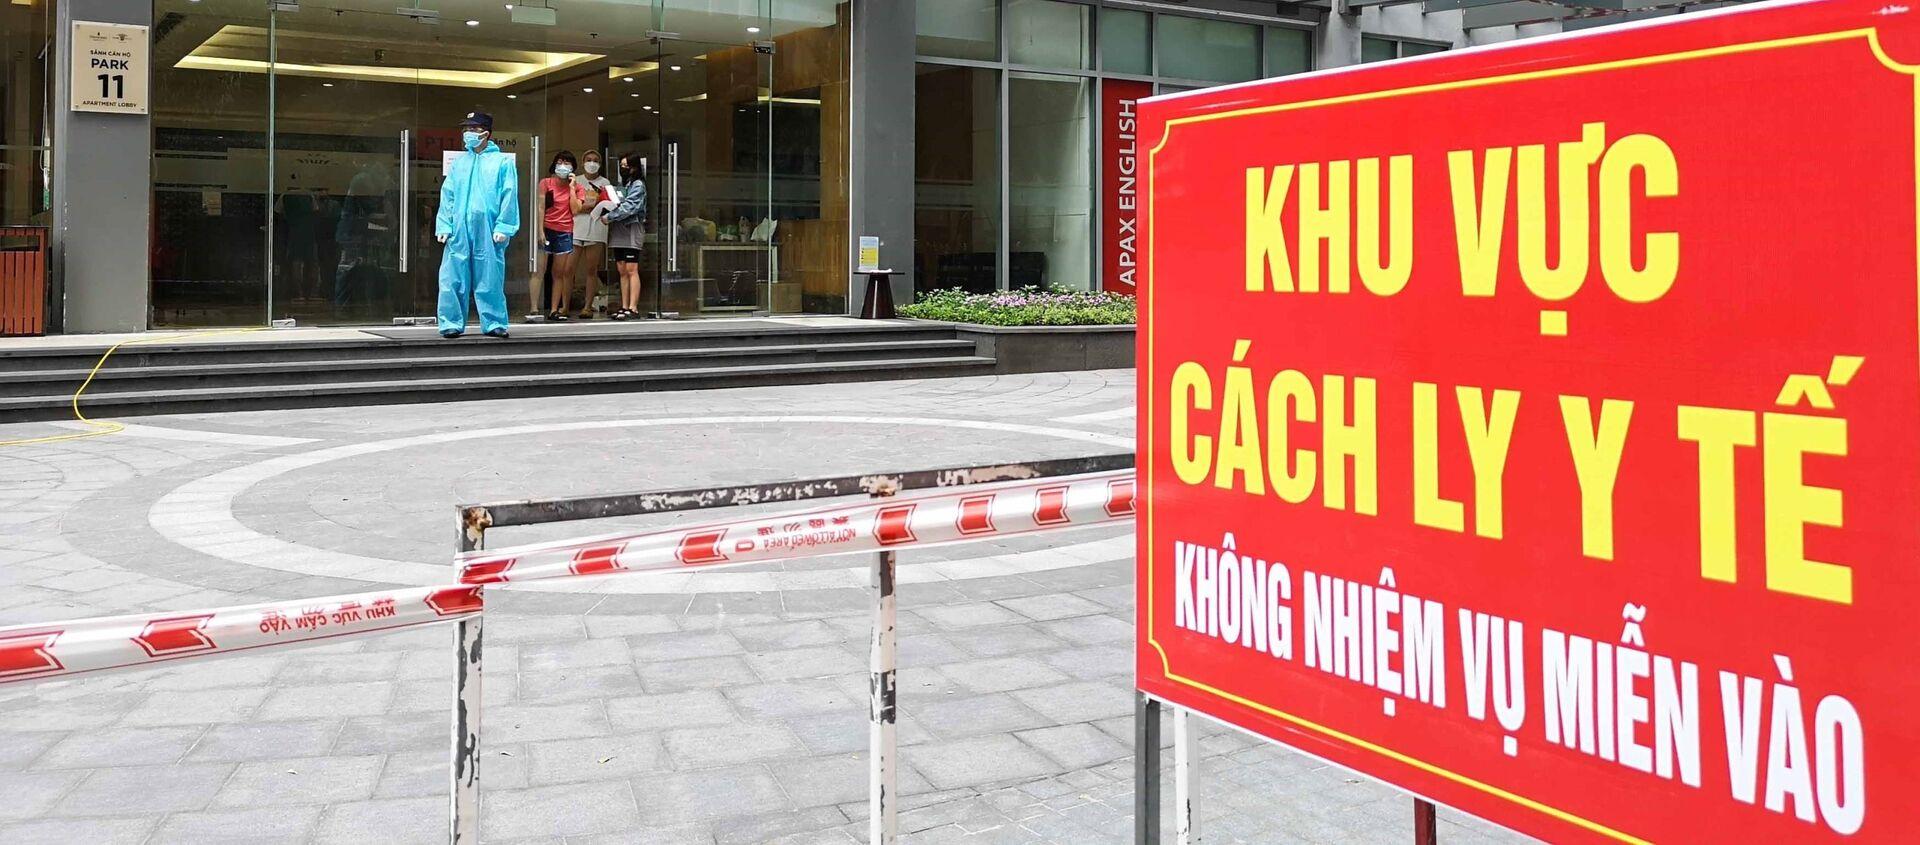 Hà Nội phong tỏa tạm thời tòa Park 11 của Times City có ca nghi mắc COVID-19 - Sputnik Việt Nam, 1920, 24.05.2021